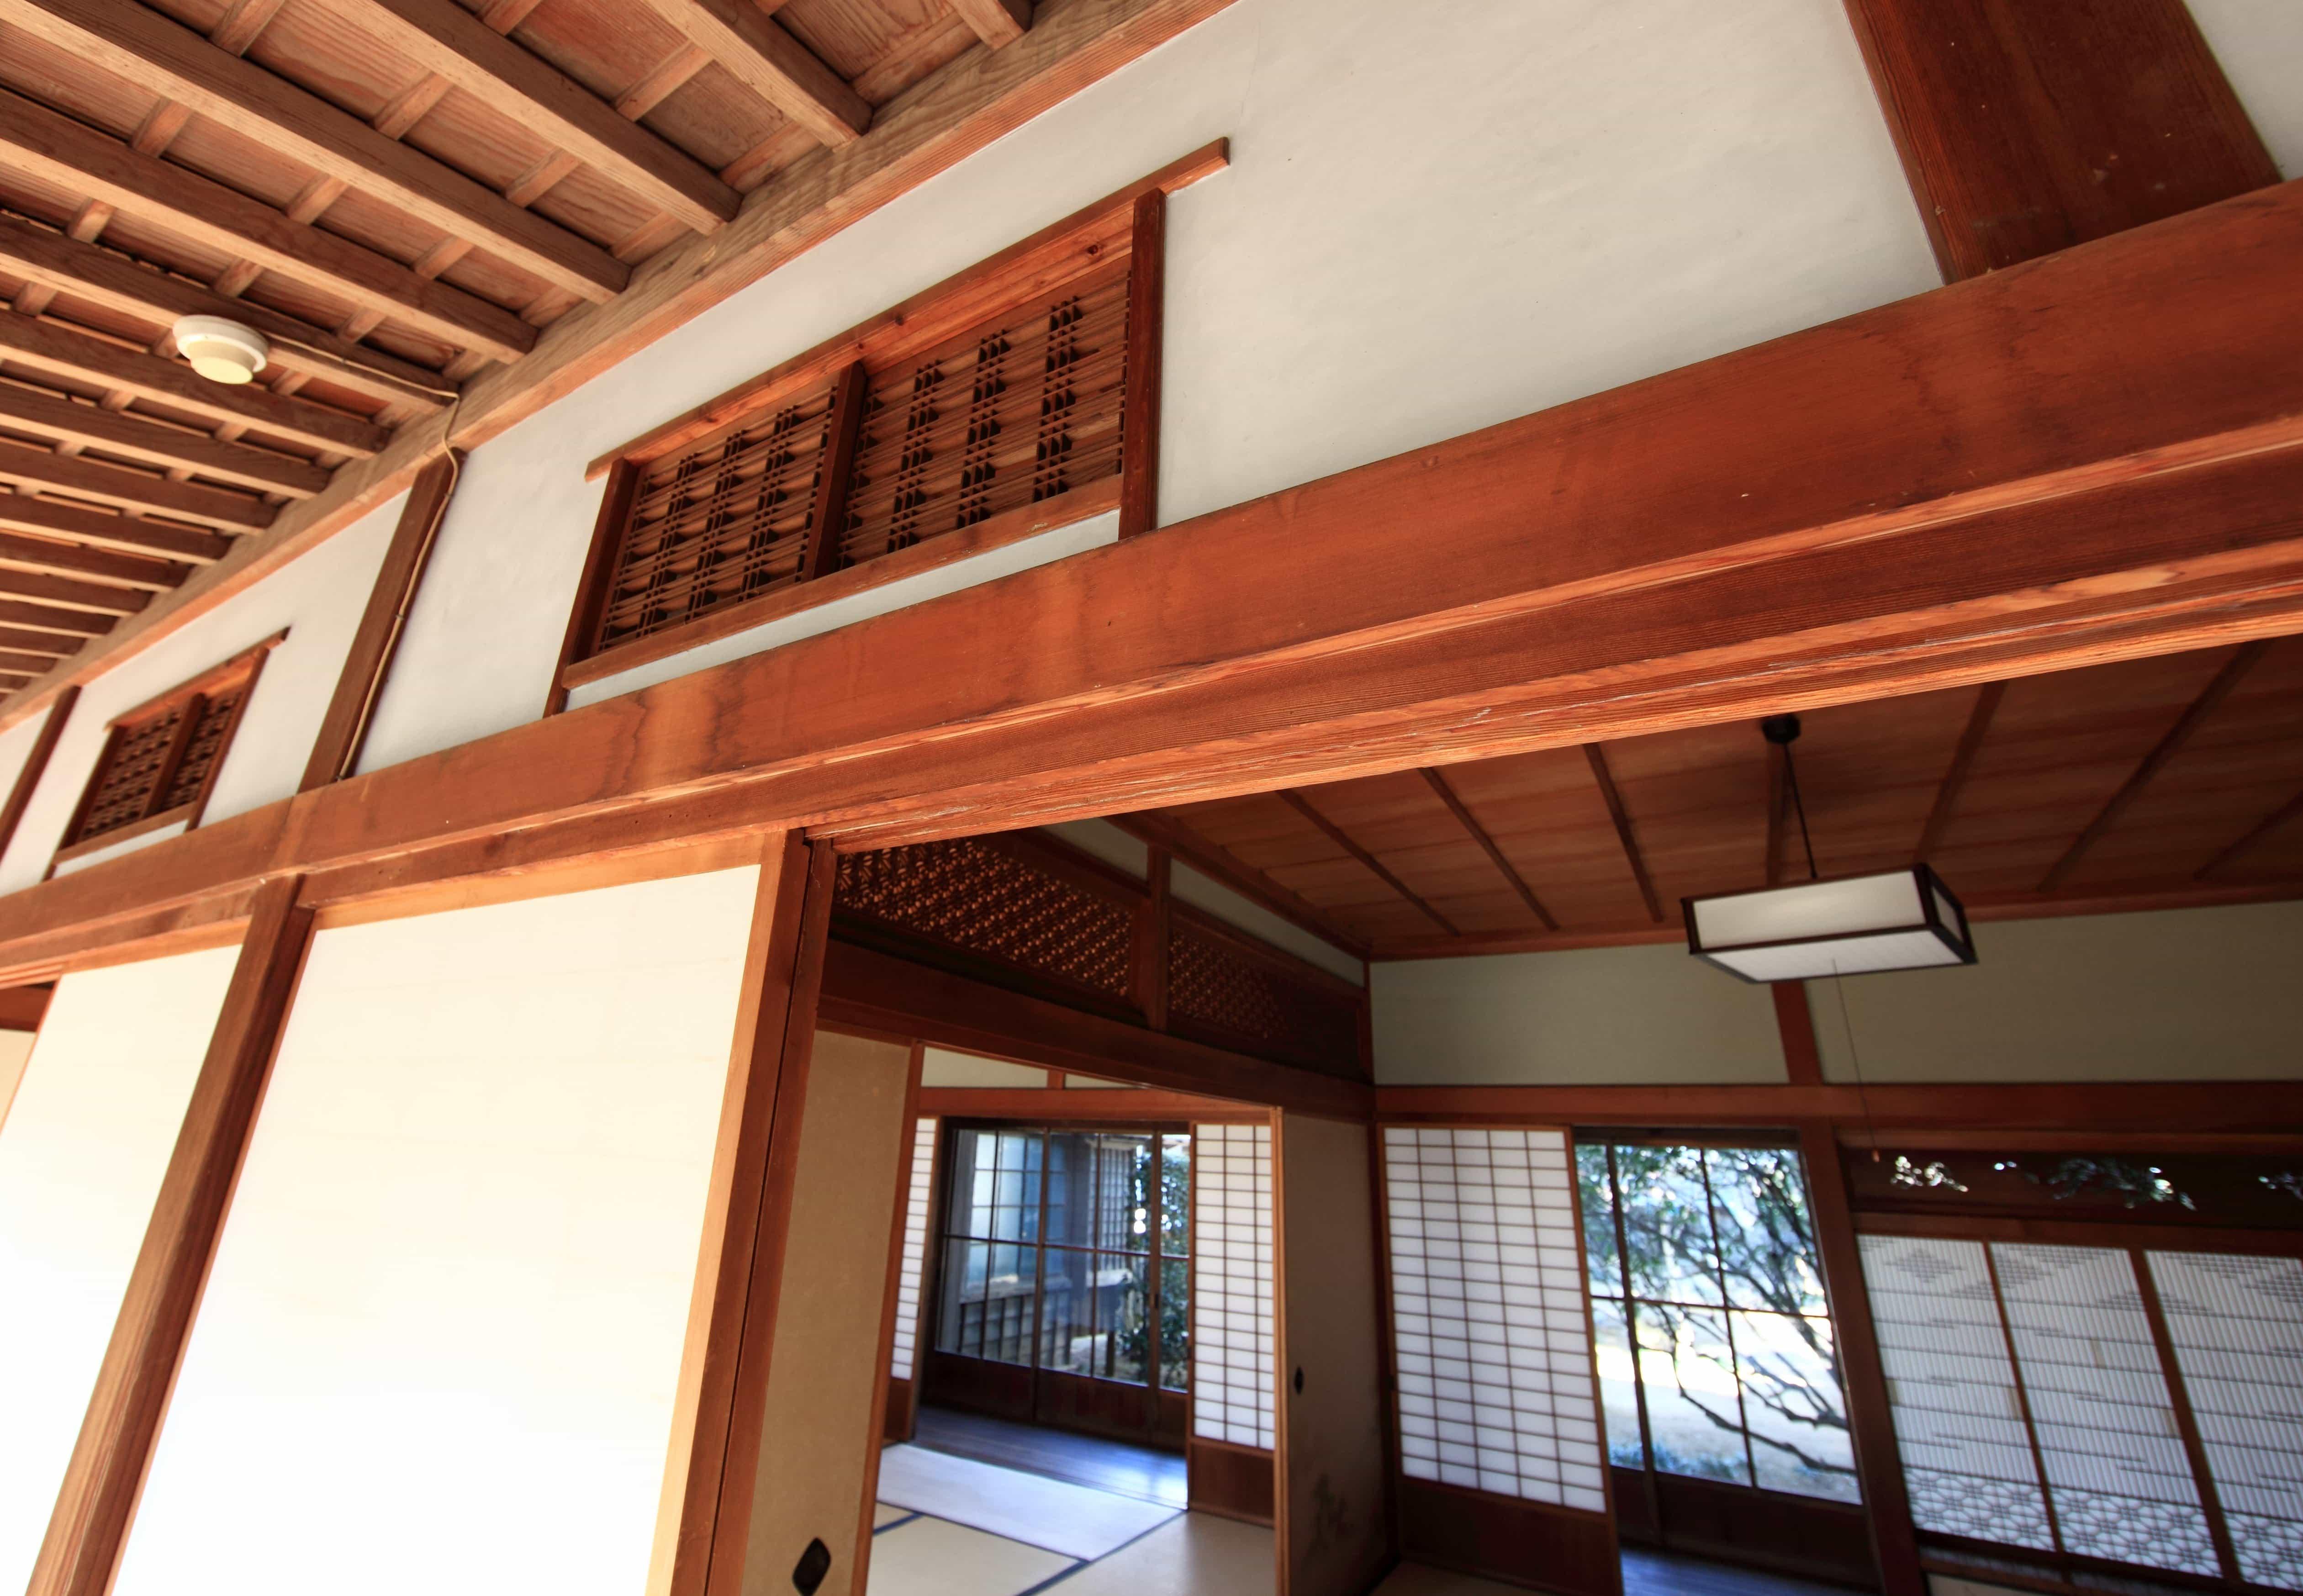 Kostenlose Bild: Fenster, Zuhause, Heim, Zimmer, Architektur, Wand ...